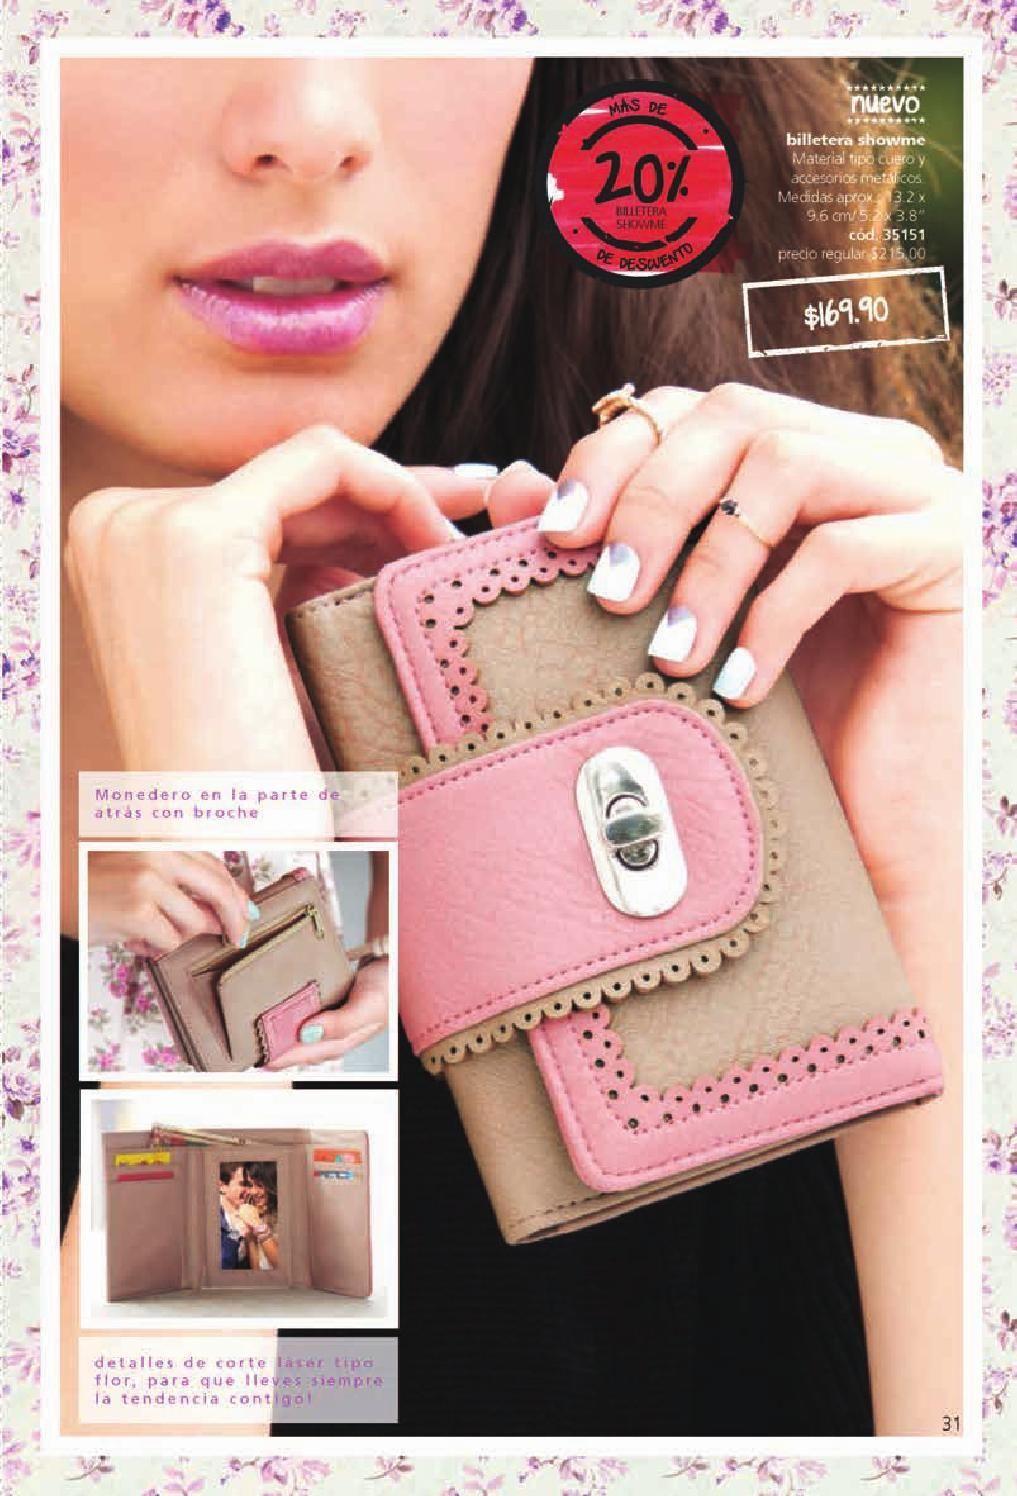 49383dae7 Catálogo Cyzone Mexico C07   Cy*zone   Fashion, Wallet y Card case